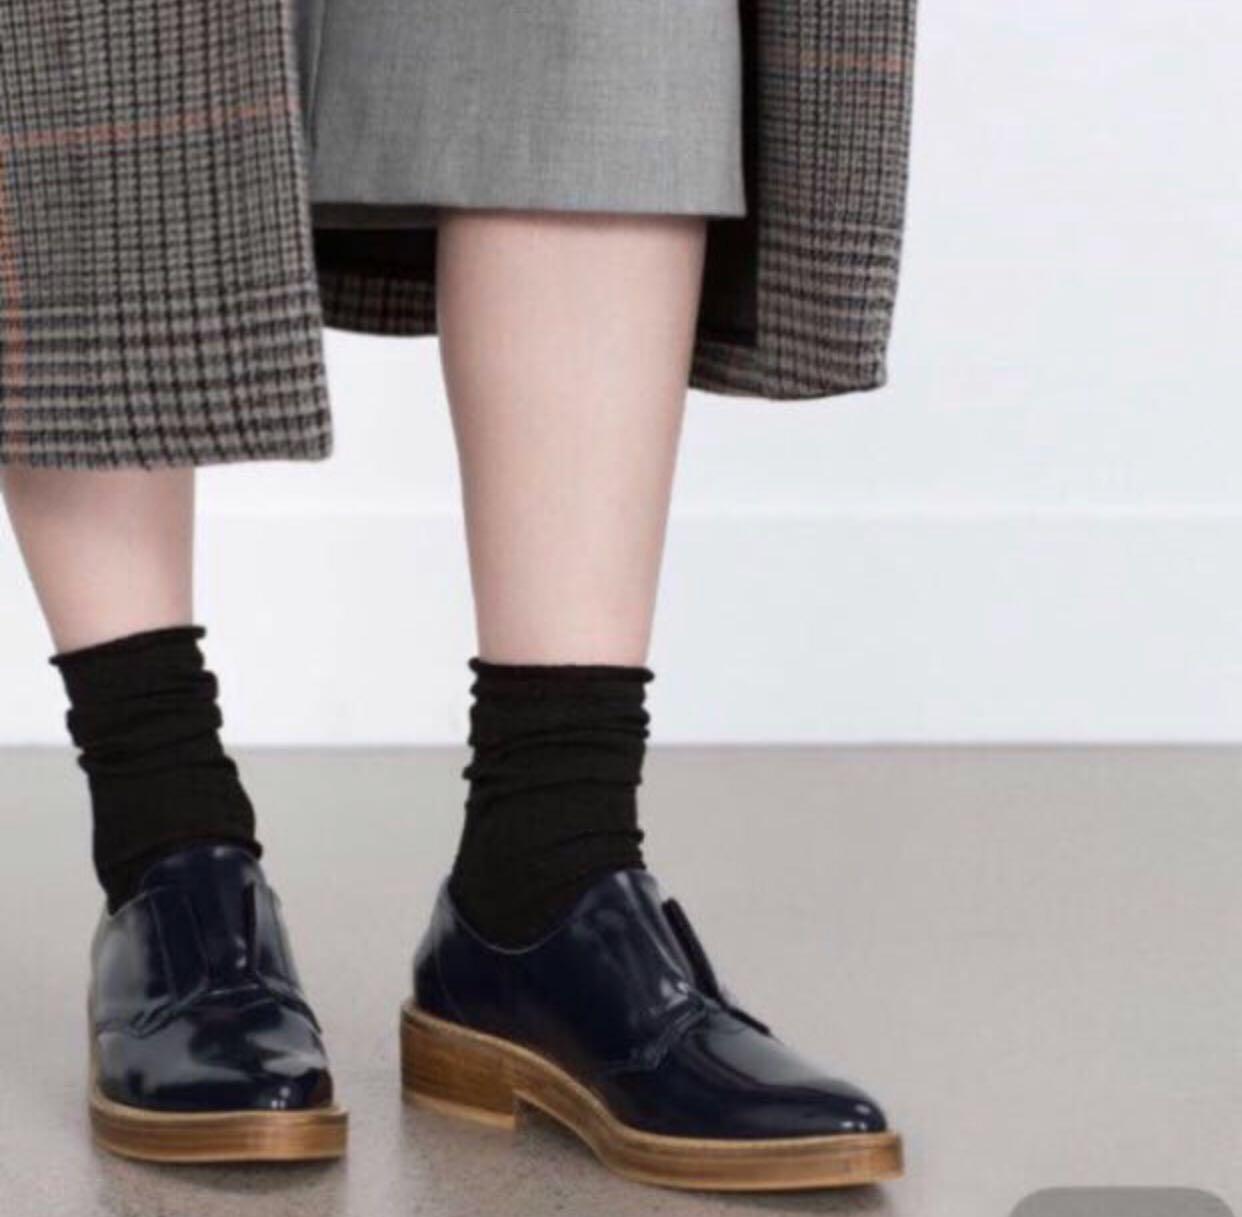 ♥️ Zara Basic navy shoes size 38 深藍 文青 尖頭 牛津鞋